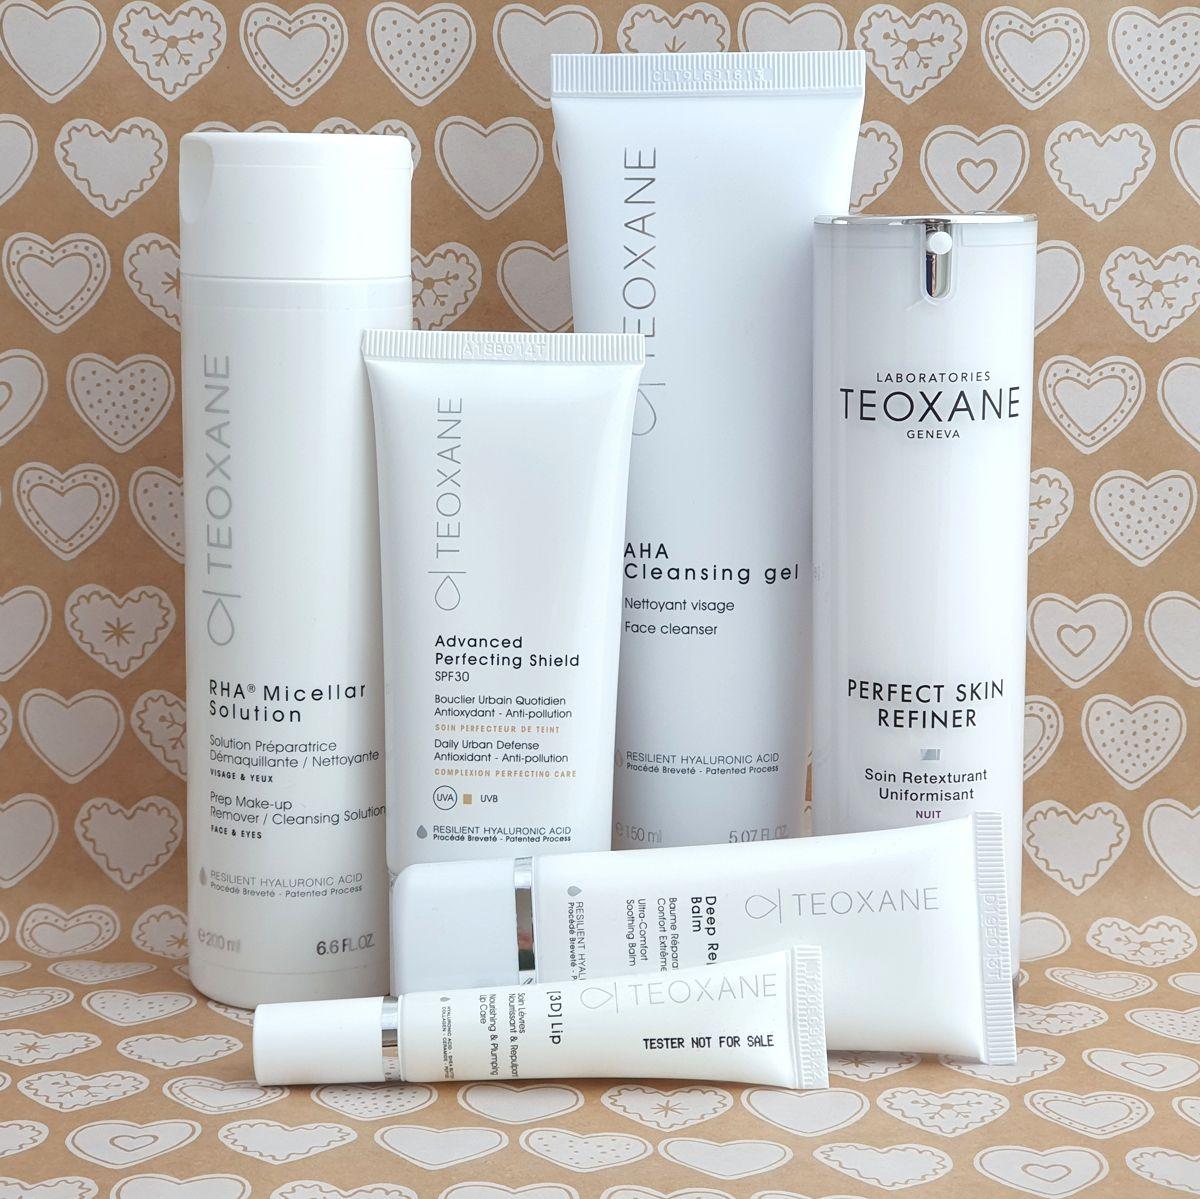 Teoxane Cosmeceuticals – Gesichtspflege mit Hyaluronsäure